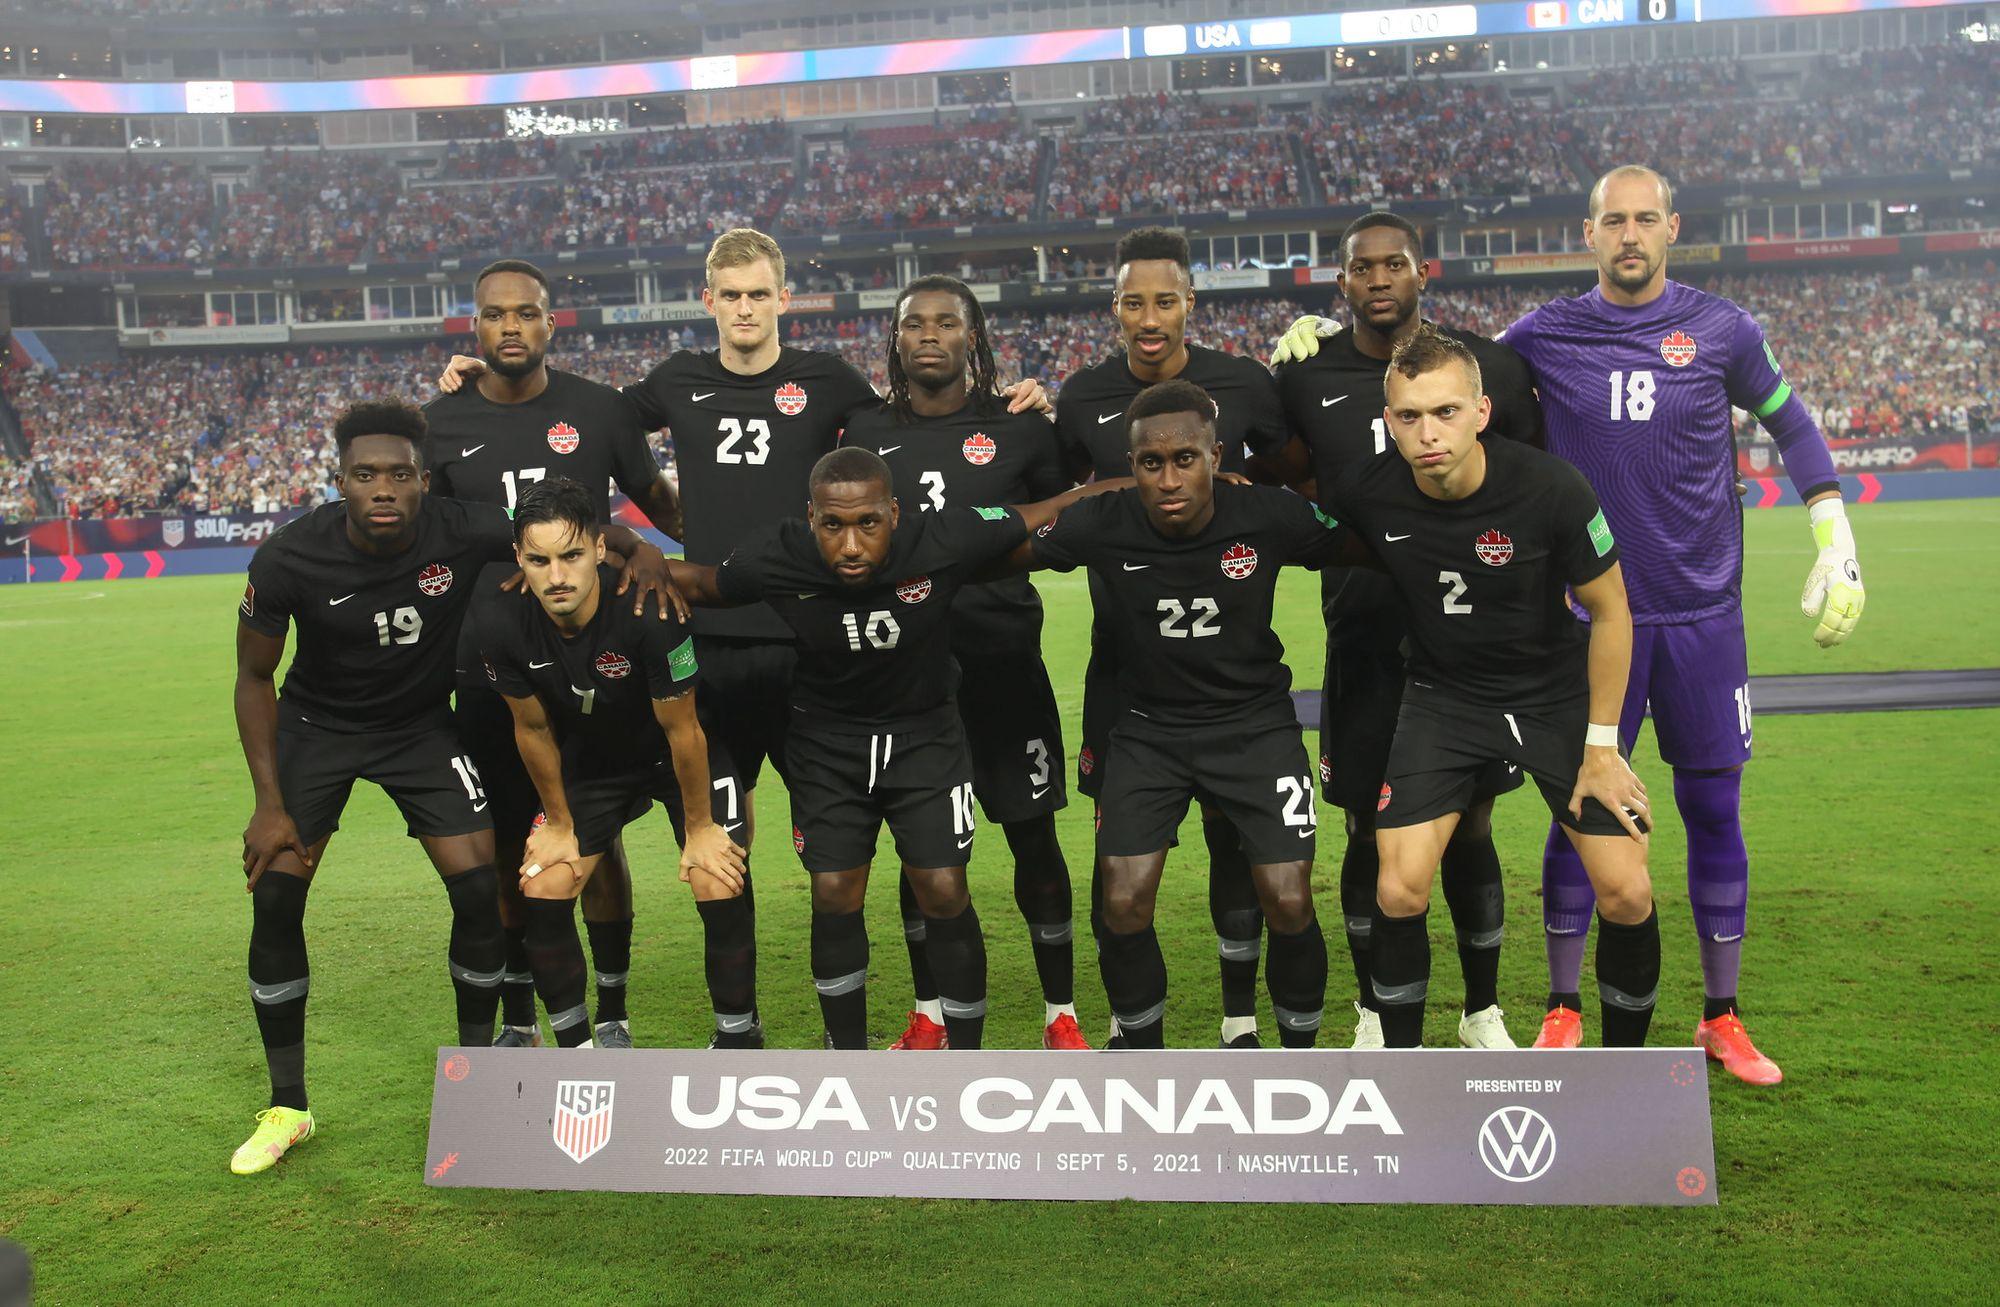 Le Canada obtient un point important grâce à un match nul 1:1 avec les États-Unis en qualification pour la Coupe du Monde de la FIFA